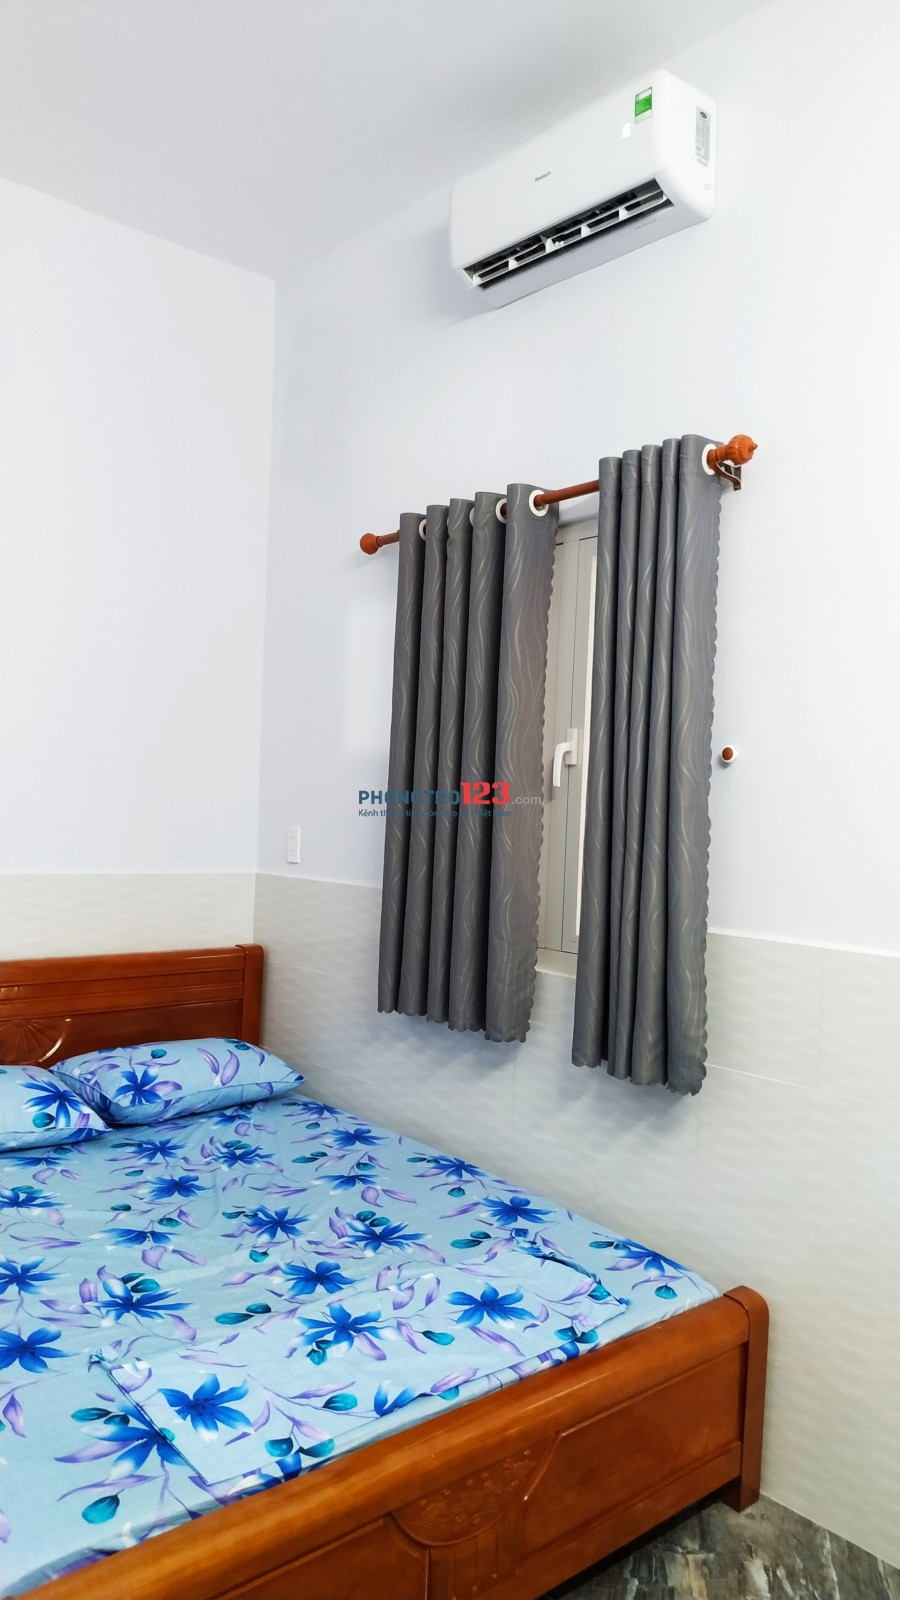 Căn hộ mini quận 7.Trang bị sẵn giường,tủ đồ,máy lạnh,WC riêng.Bãi xe Rộng,thang máy,wifi